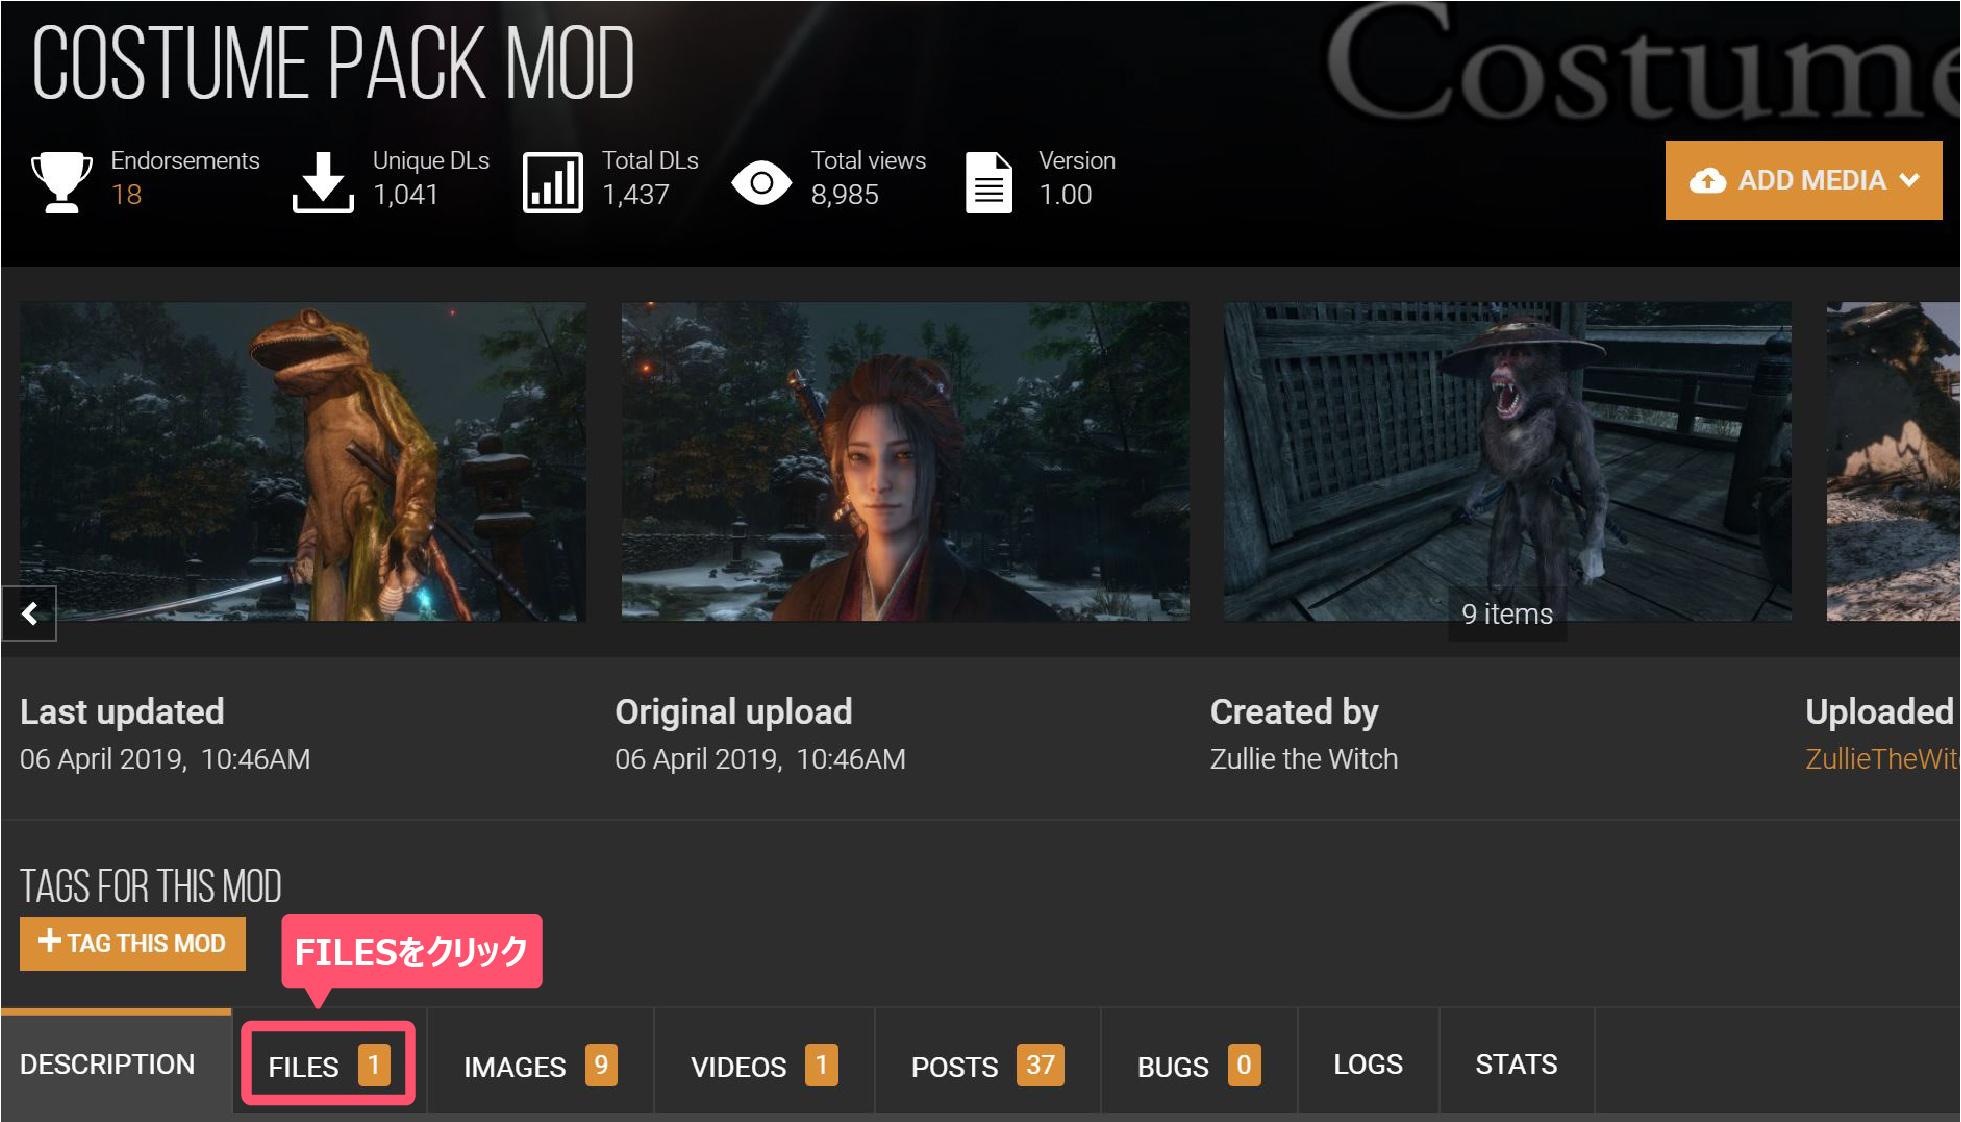 Nexus mosからCostume Pack Modをダウンロードする画面